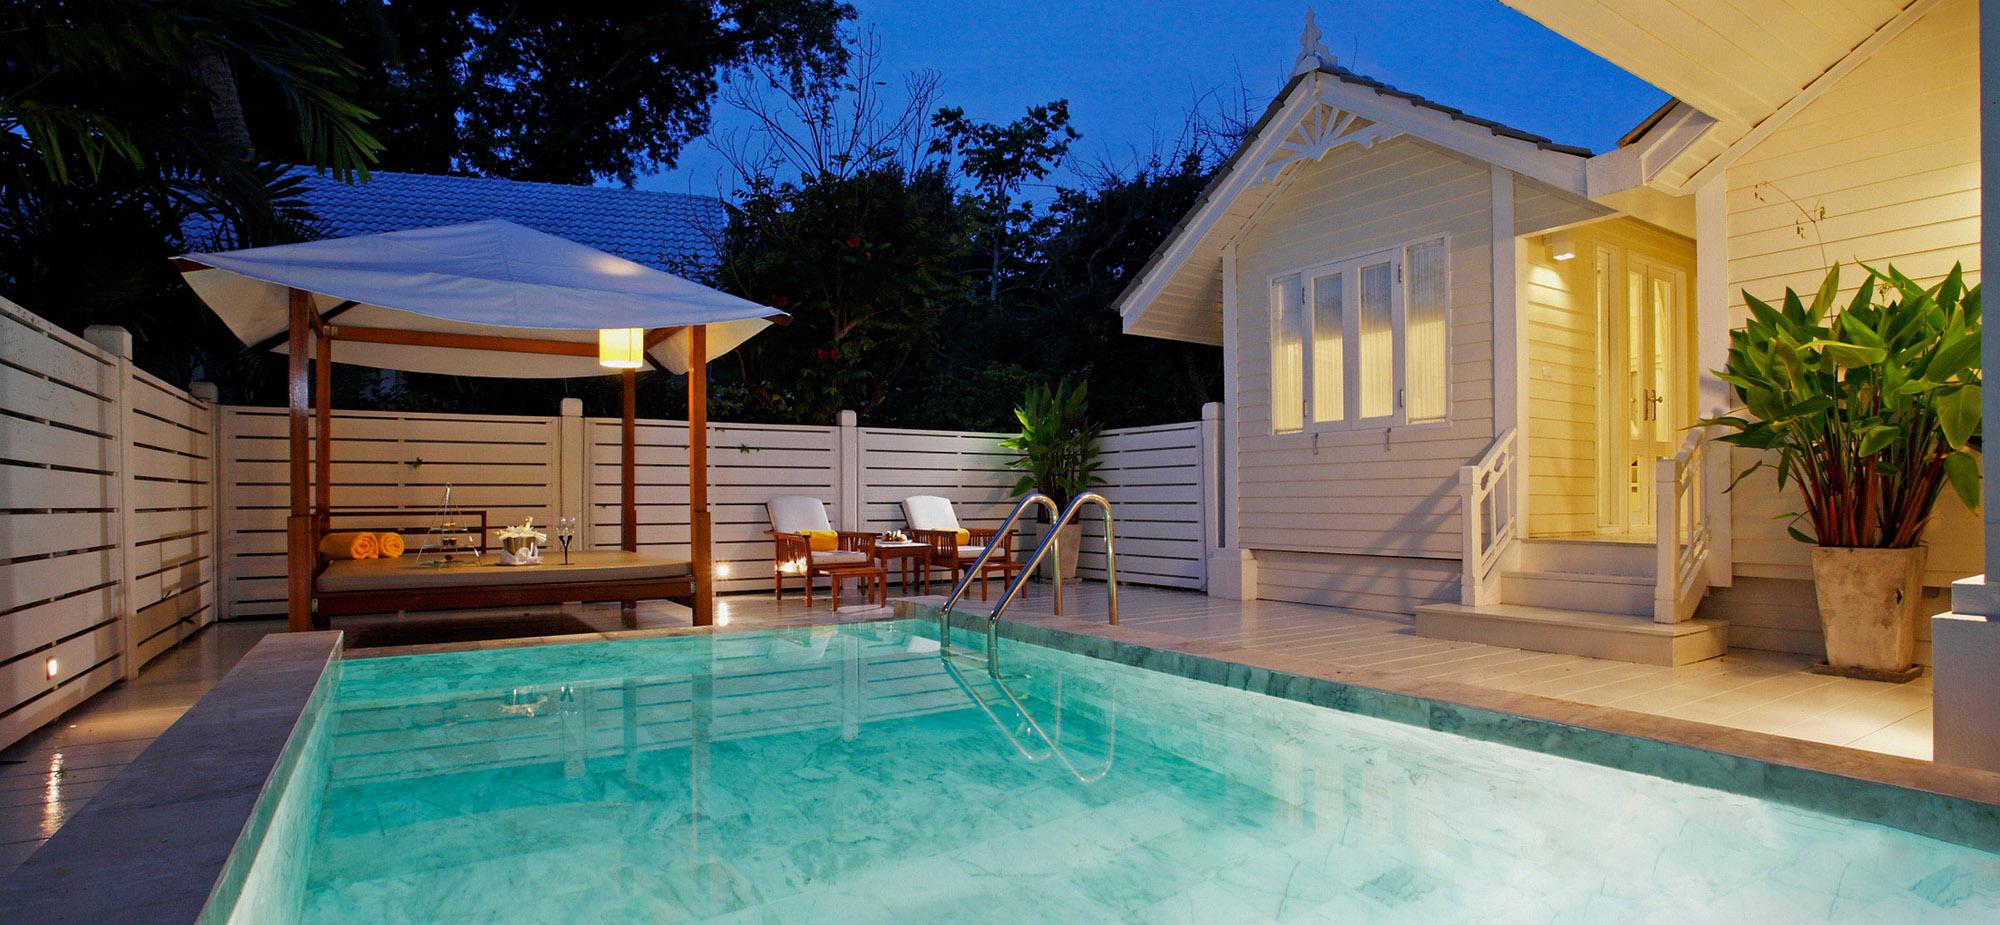 Centara grand beach resort villas hua hin for 8 villas hua hin